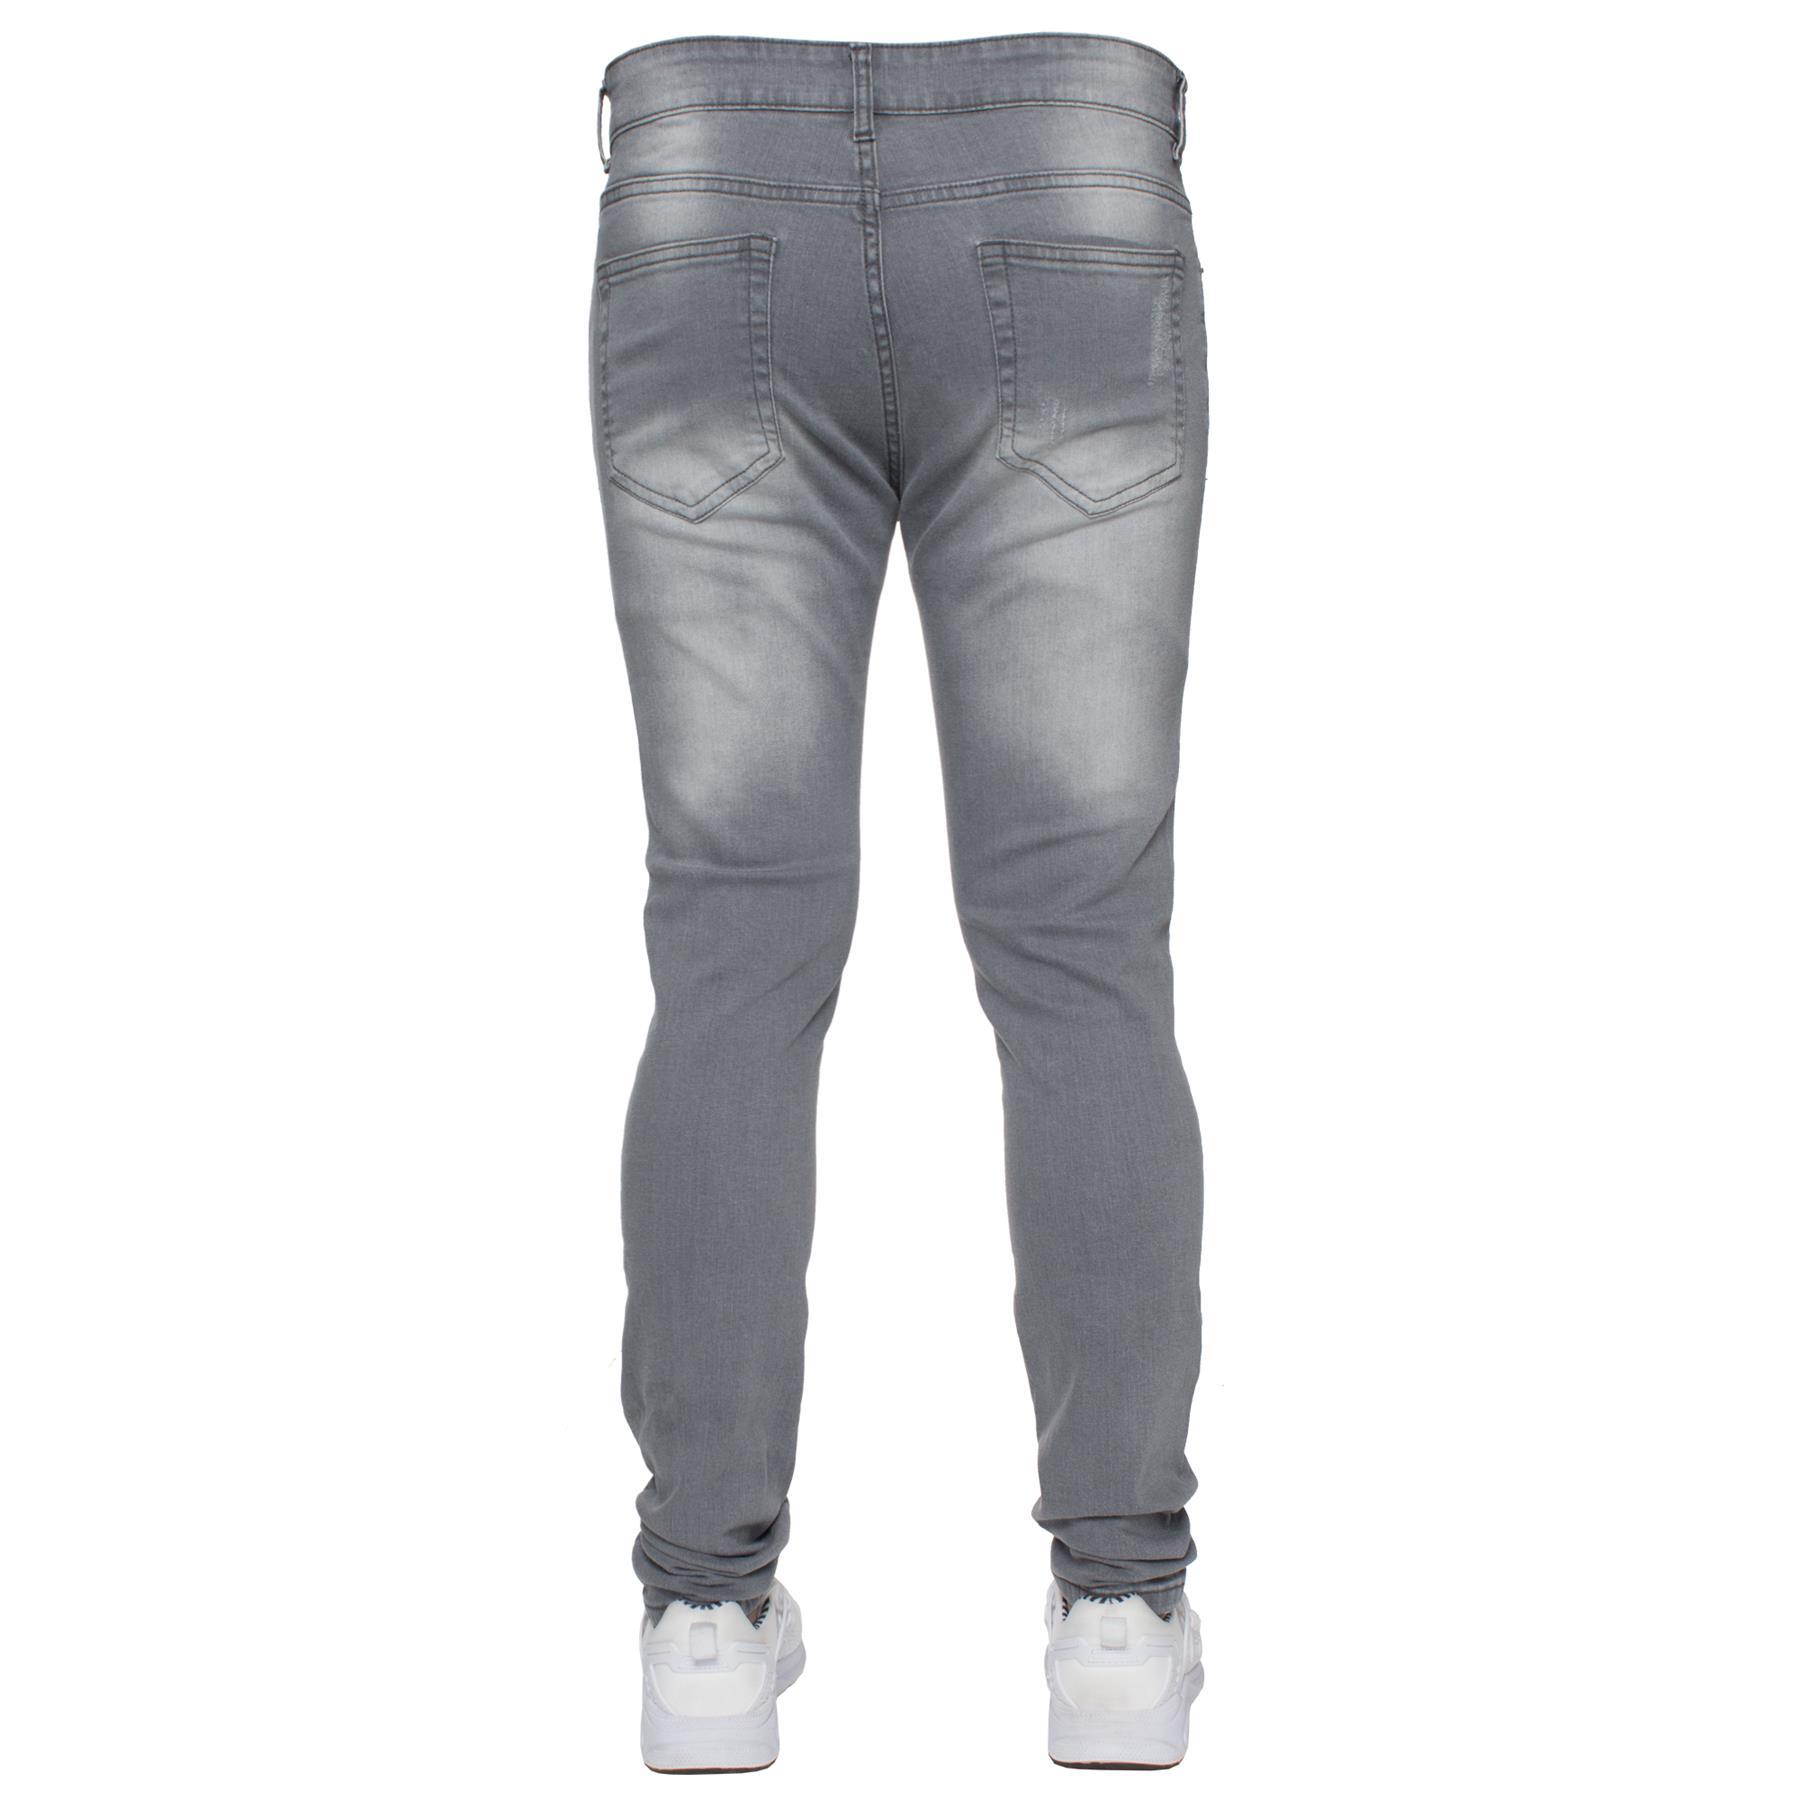 Para-hombre-Super-Skinny-Ripped-Jeans-Pantalones-Ajustados-desgastados-Denim-Envejecido-Todas miniatura 22